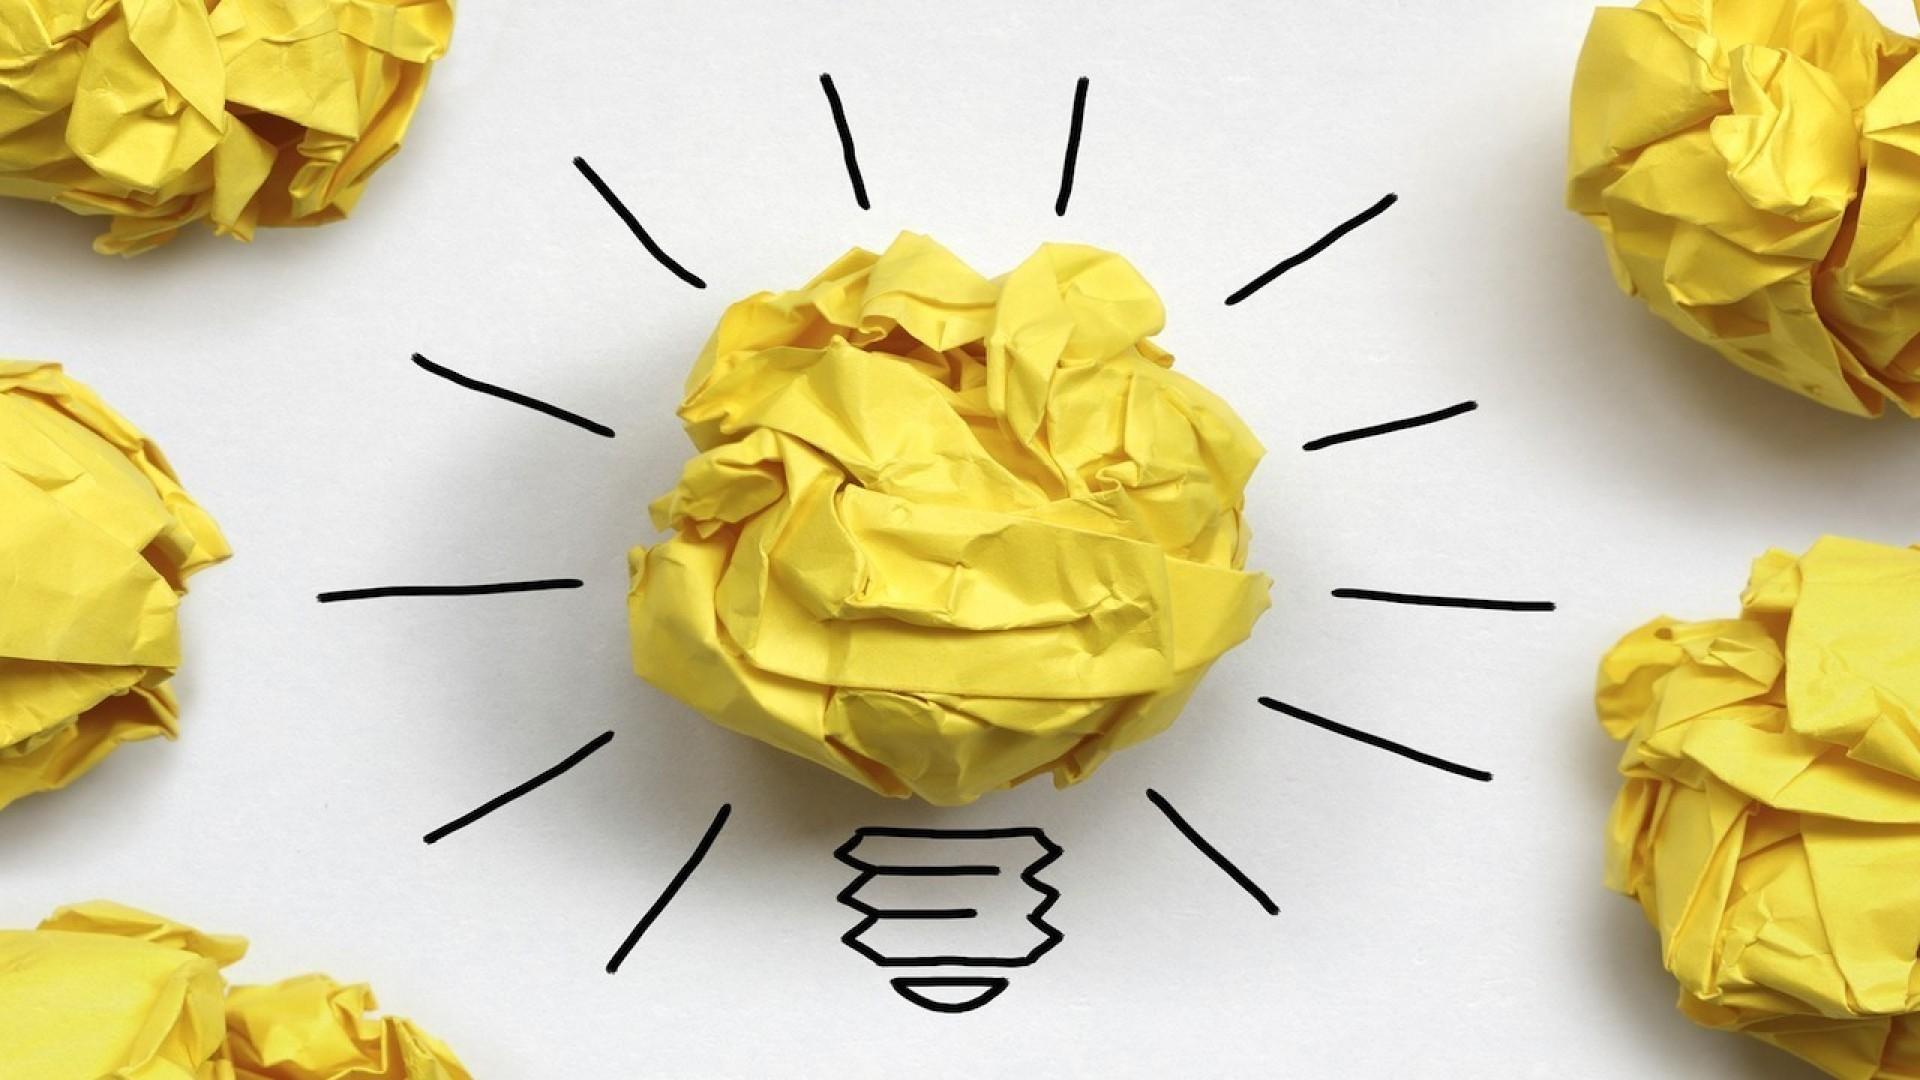 5 полезных упражнений на развитие креативности